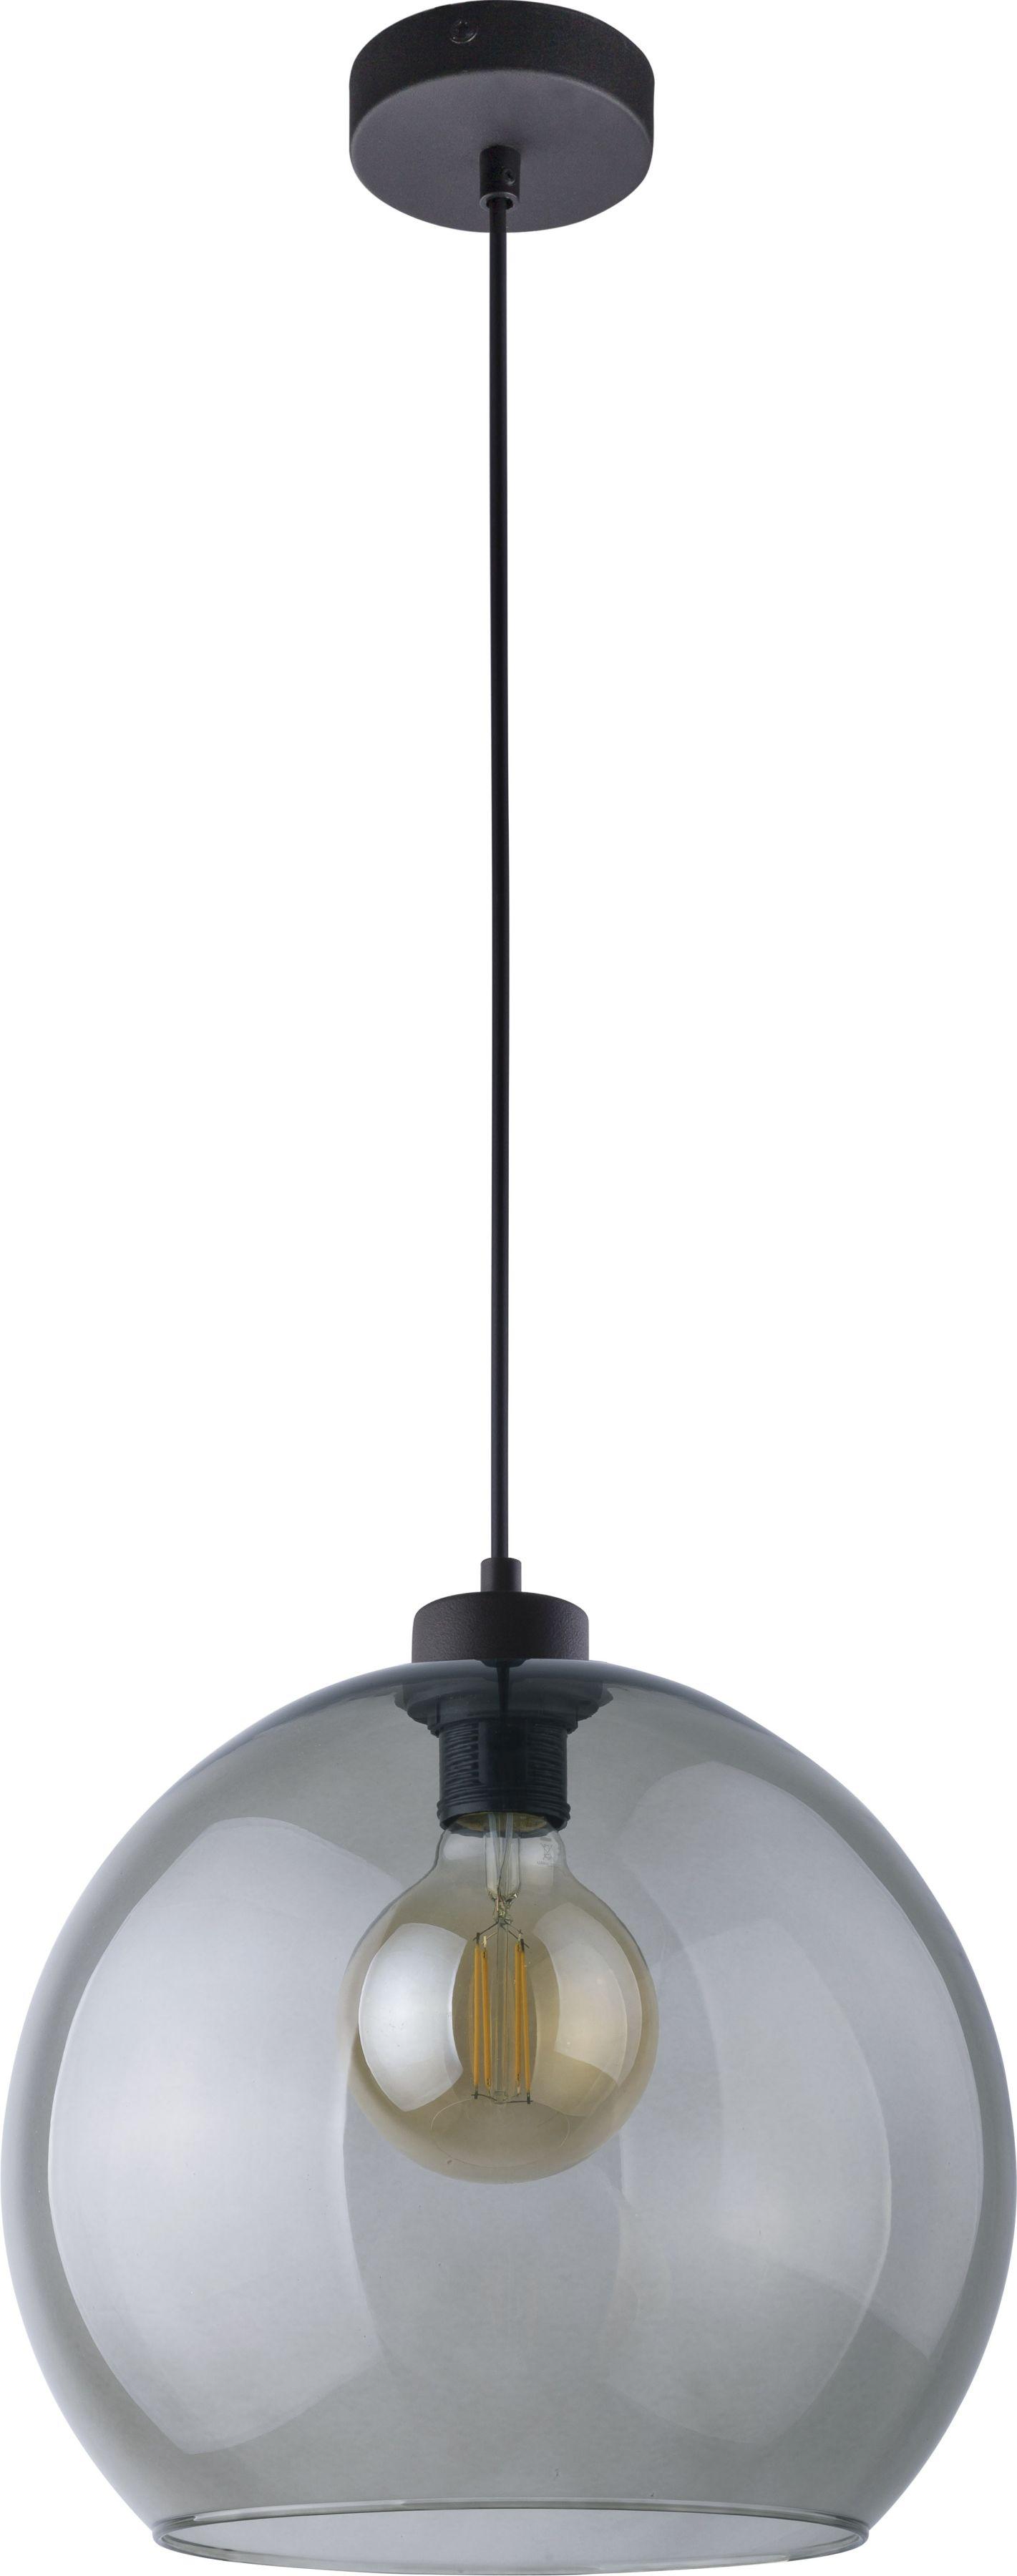 Lampa wisząca Cubus szklana 1 punktowa grafitowa 4292 - TK Lighting // Rabaty w koszyku i darmowa dostawa od 299zł !